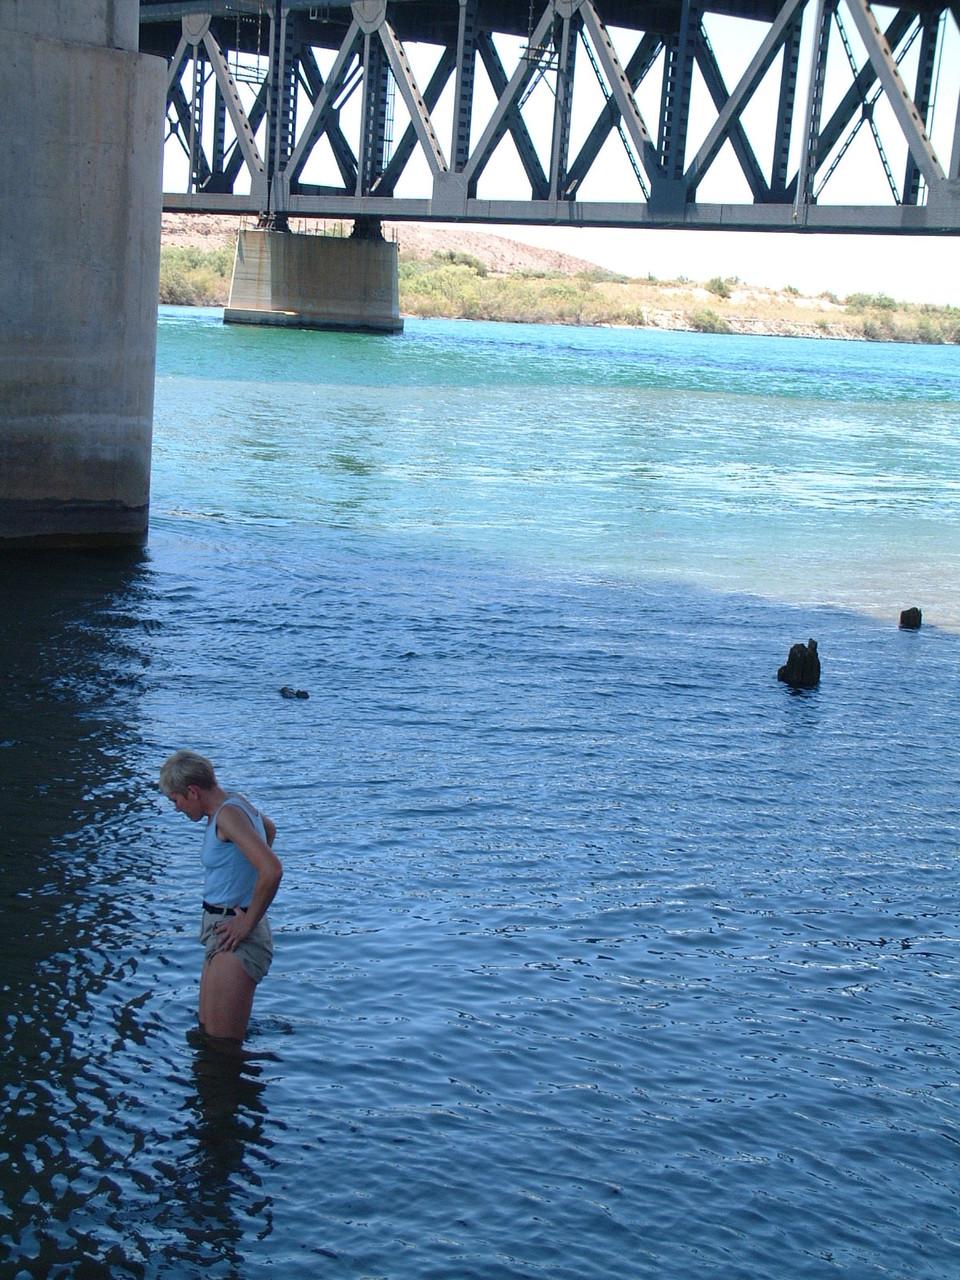 Fussbad im Colorado River